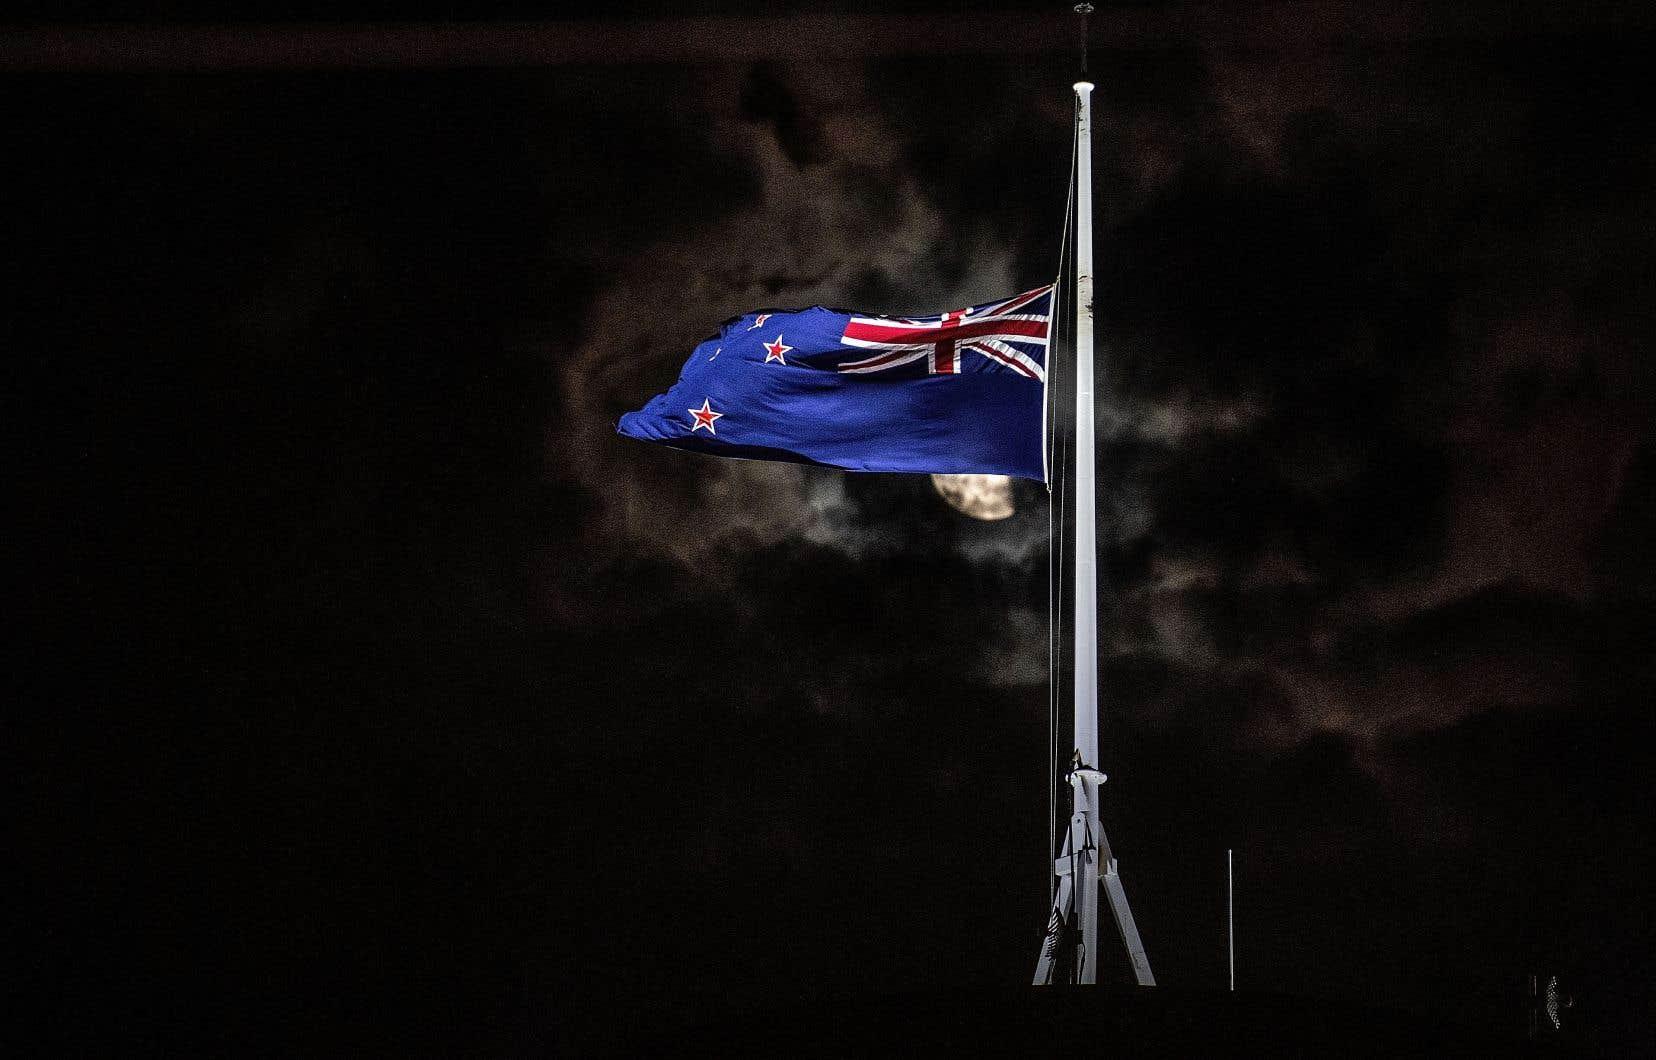 Cette tragédie a provoqué une onde de choc en Nouvelle-Zélande, un pays de cinq millions d'habitants dont seulement 1% de la population se dit musulmane.